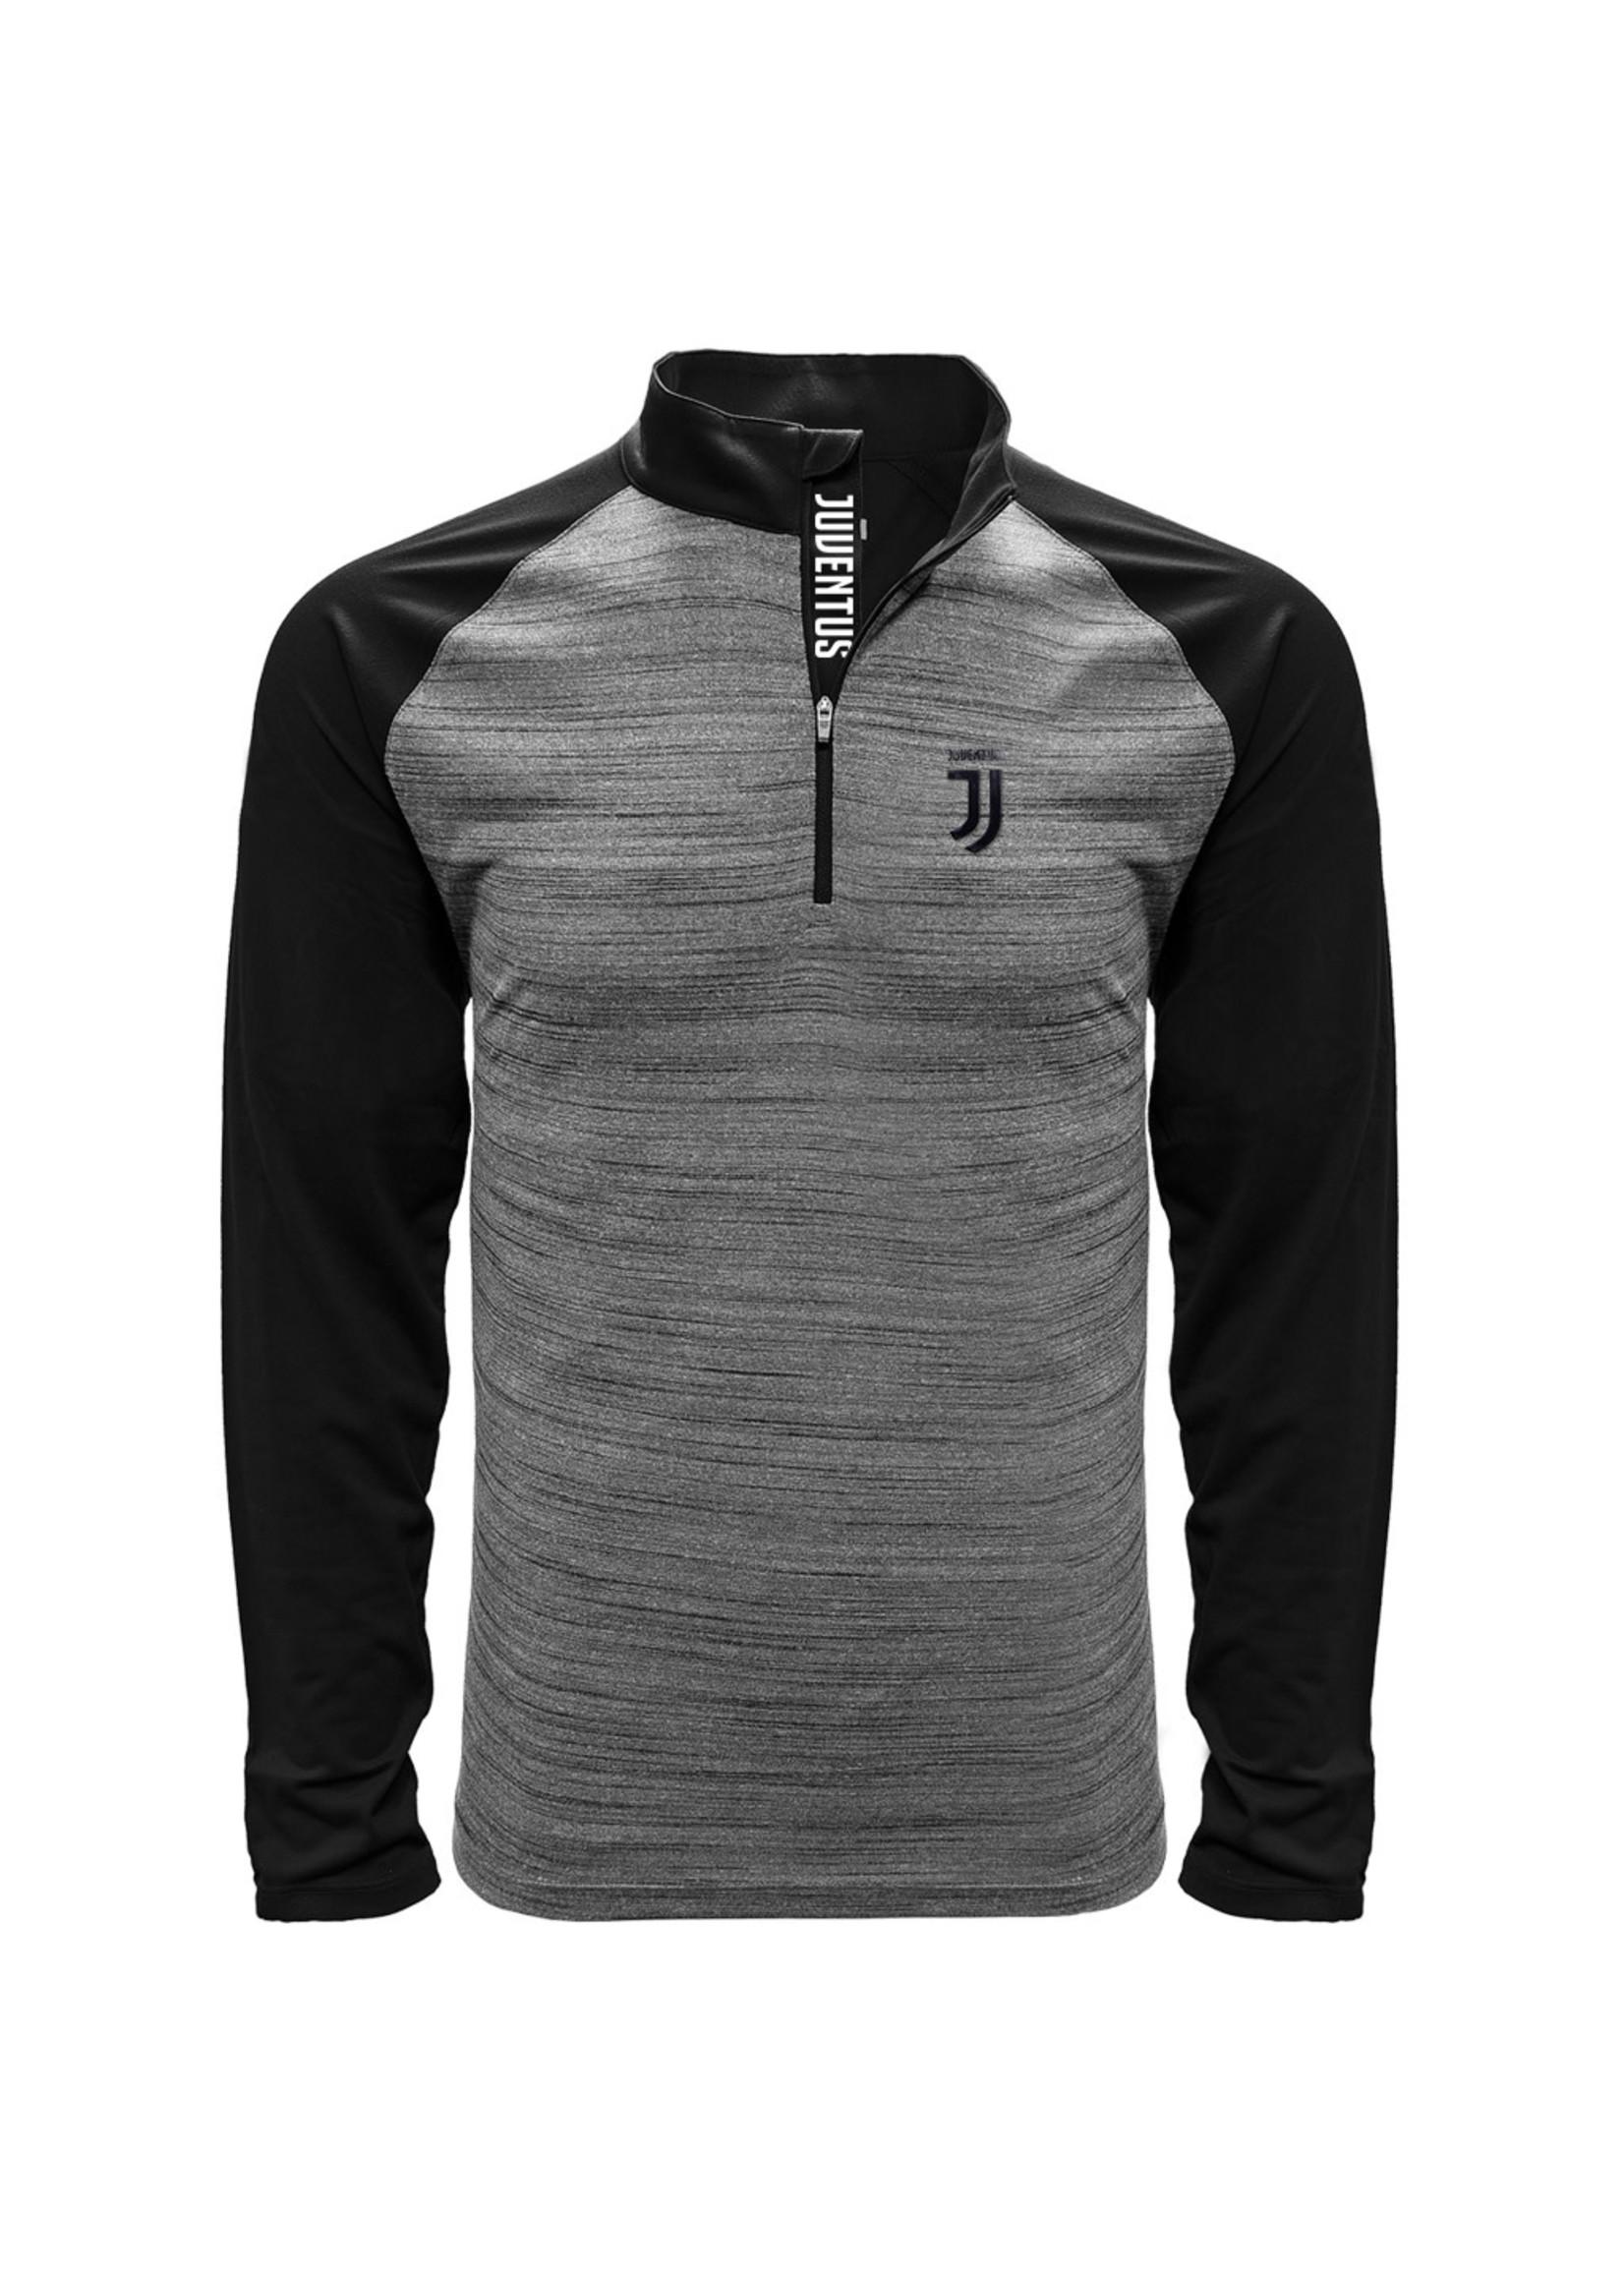 Juventus Pullover - 1/4 Zip